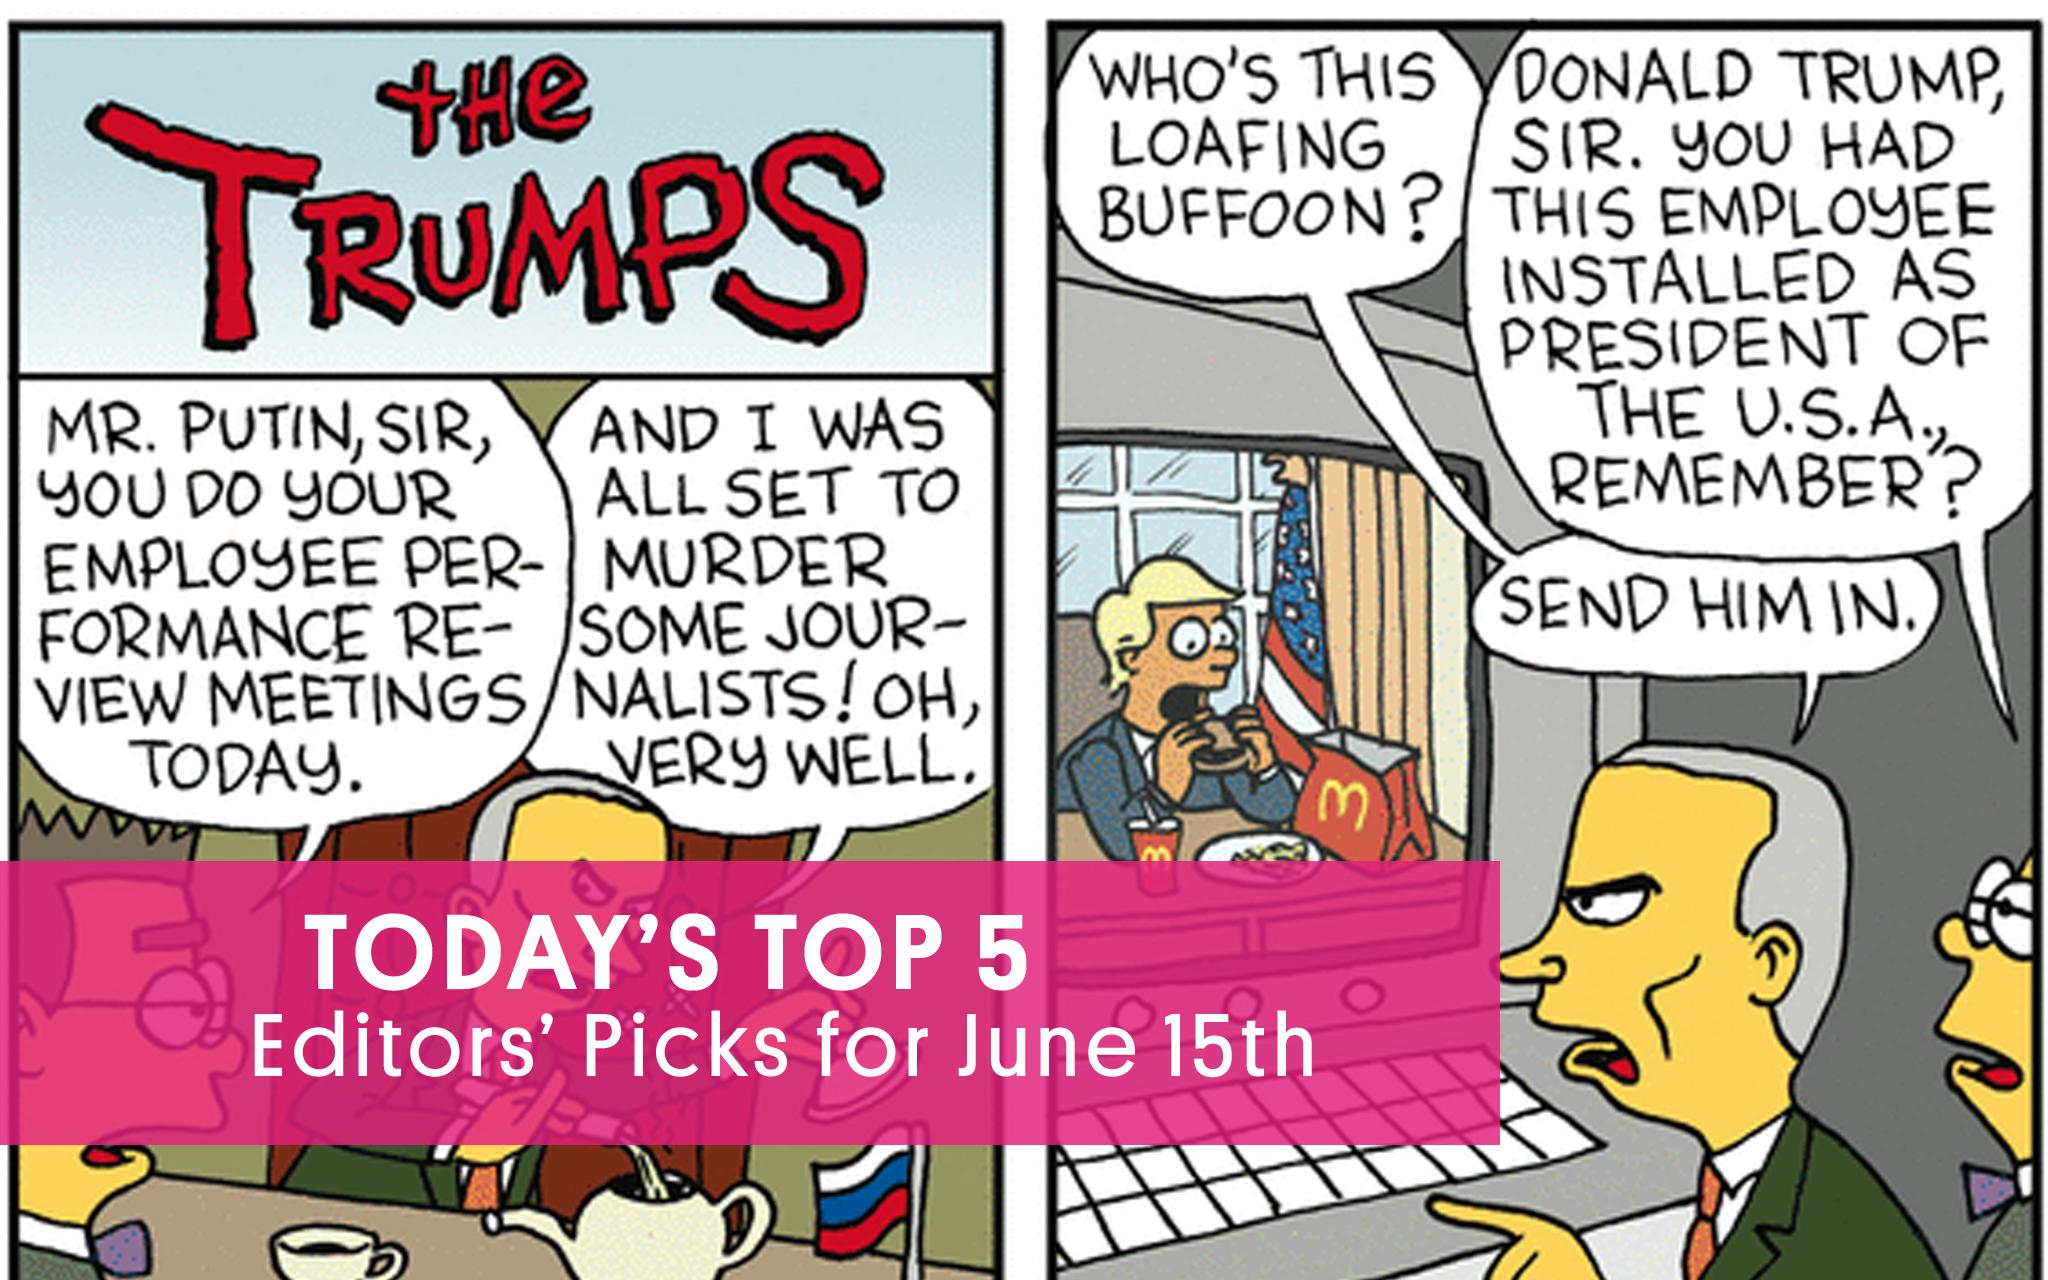 A Simpsons - Trump - Putin Mashup That May Leave You Feeling Burns-ed | GoComics.com